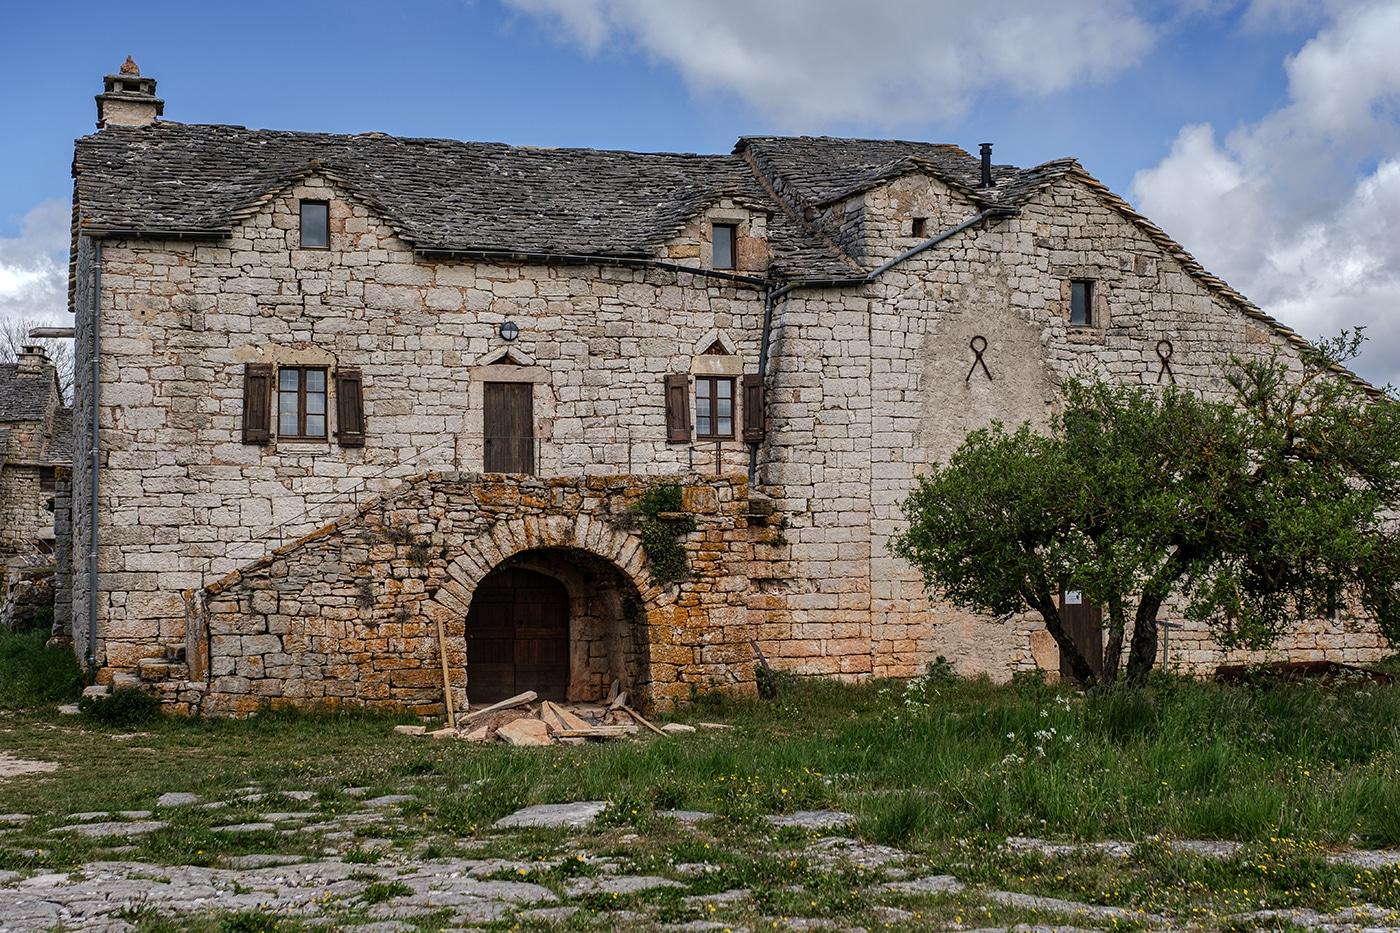 Domaine de Boisset dans les gorges du Tarn